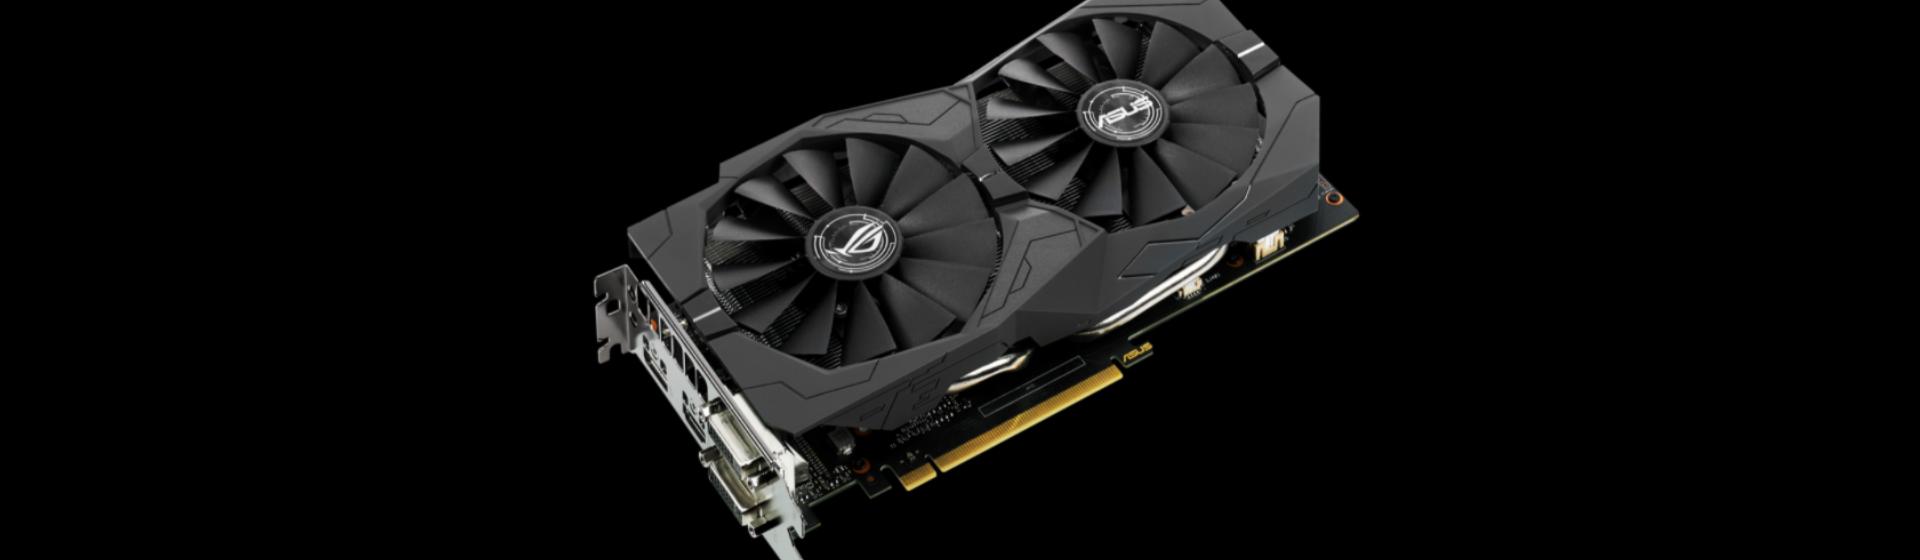 Notebook GTX 1050: melhores modelos com a placa de vídeo GeForce